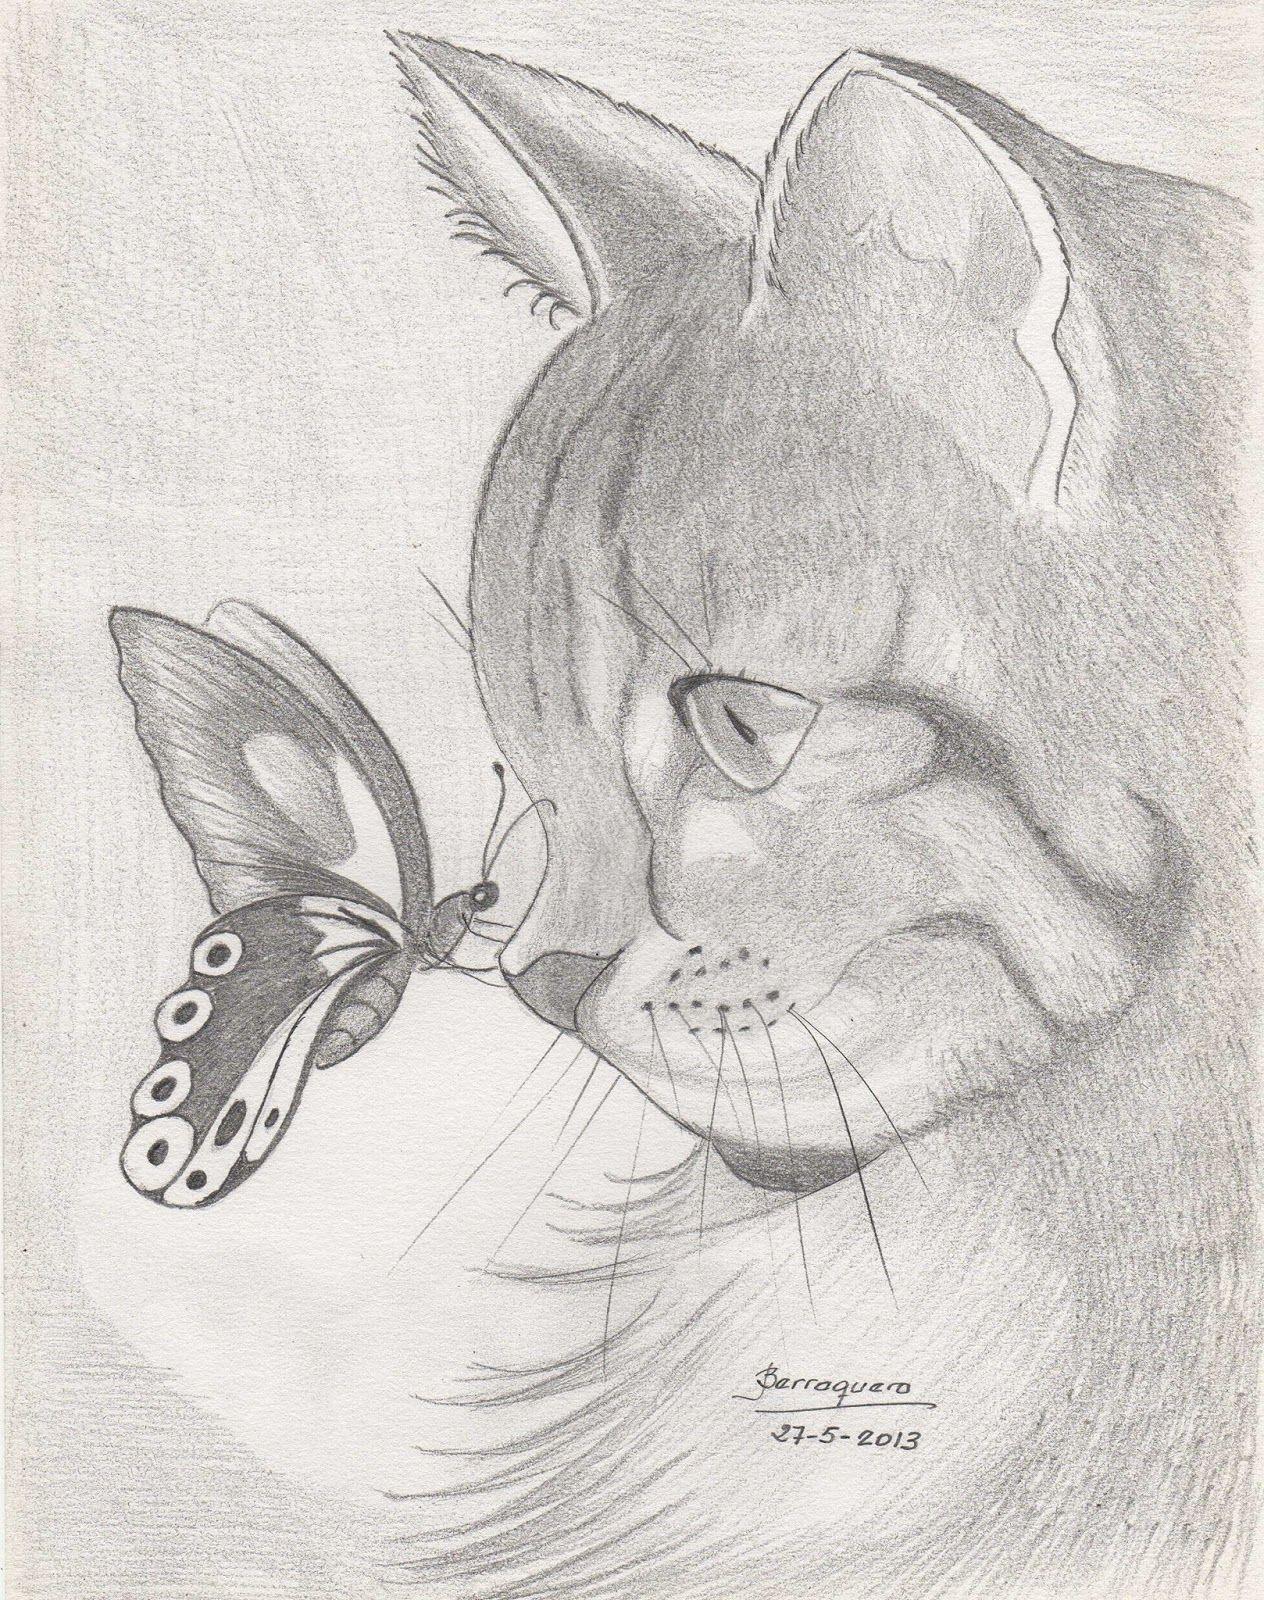 dibujos a lapiz de animales tiernos  Buscar con Google  dibujos